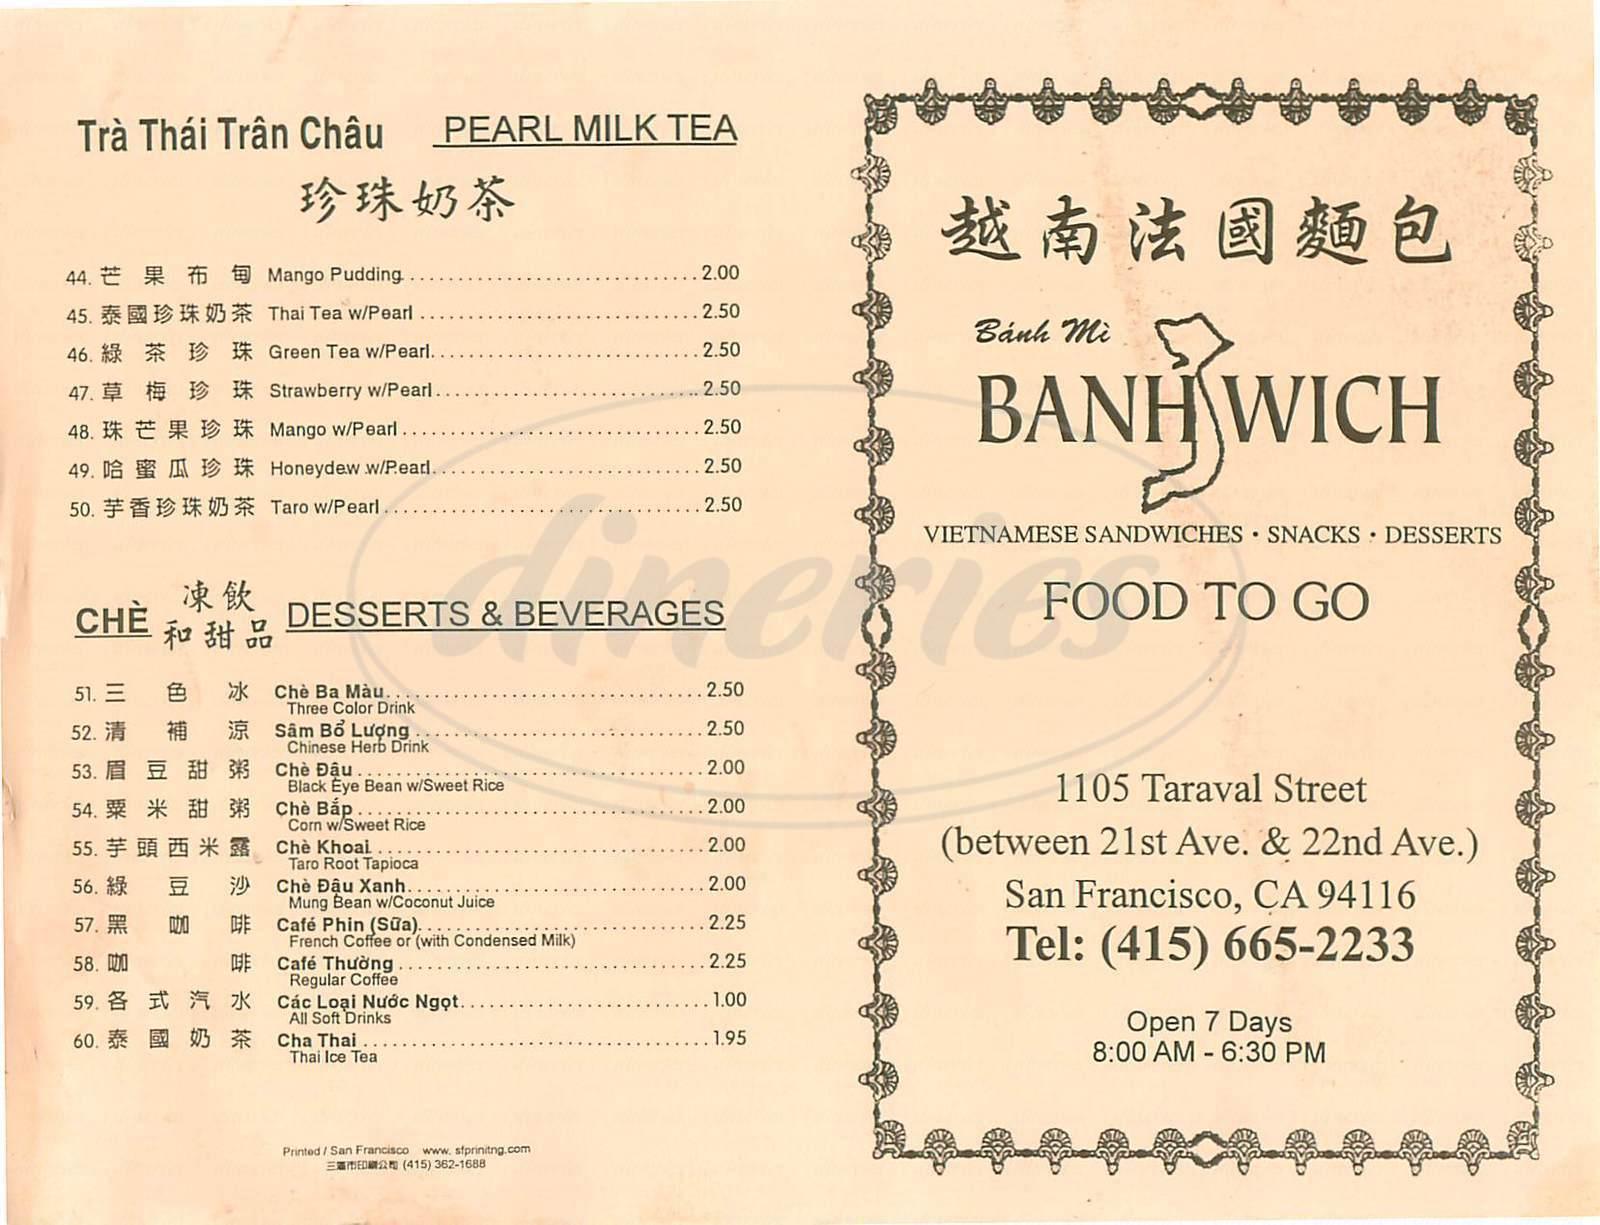 menu for Banhwich